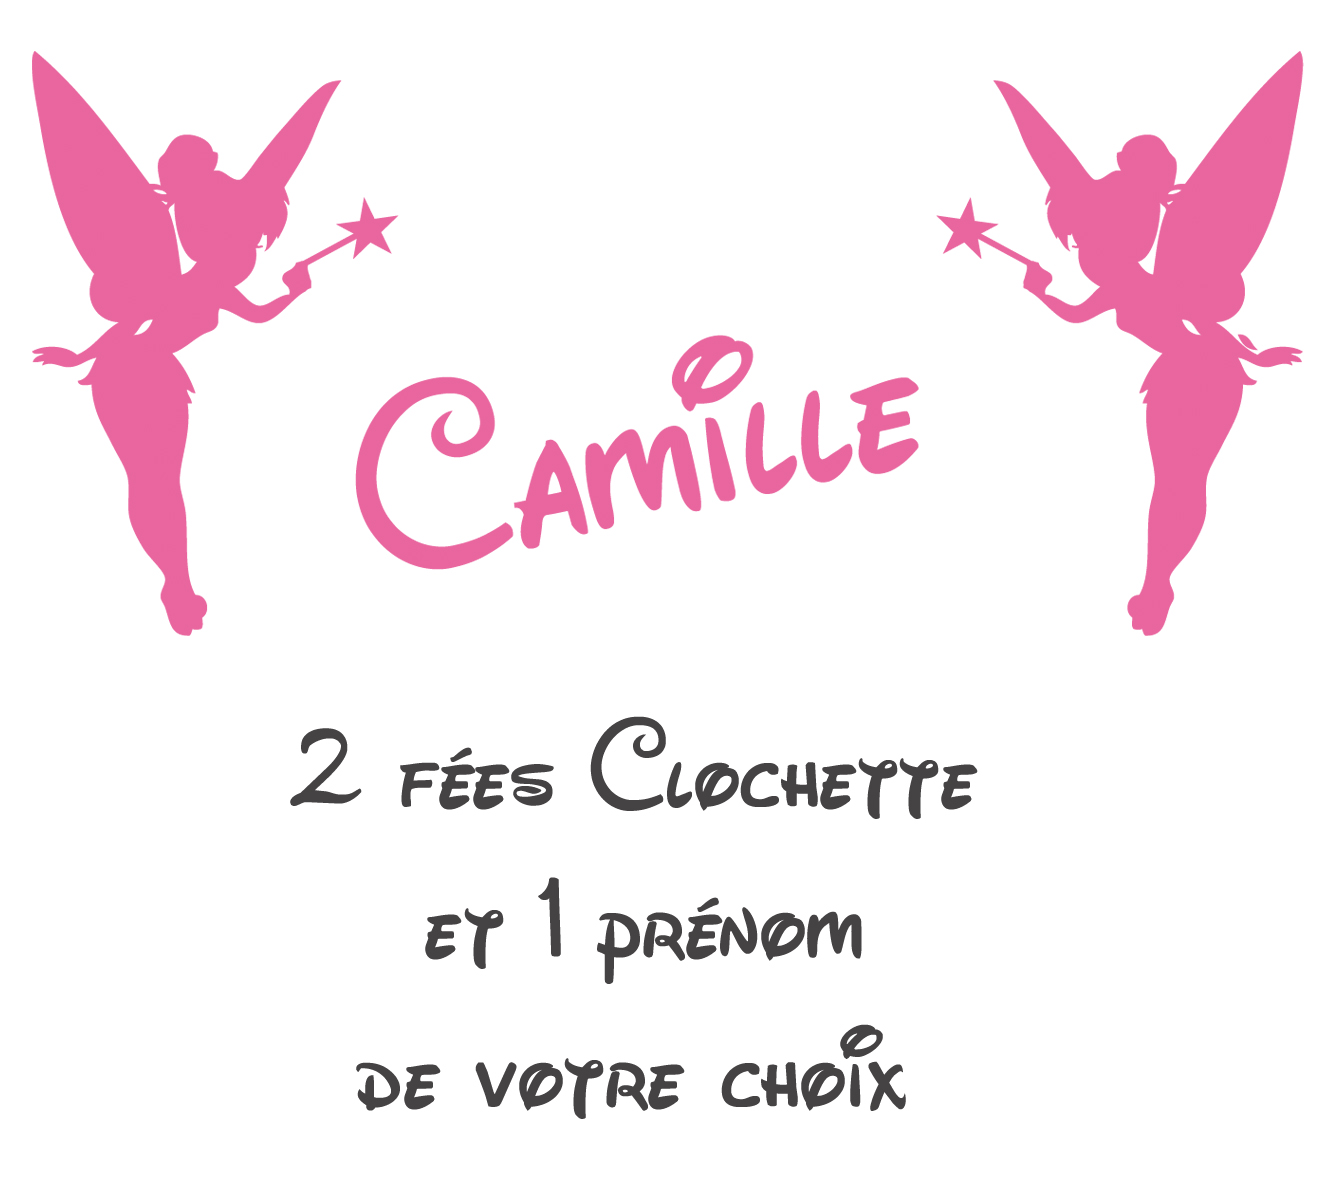 stickers 2 fées clochette Prénom offert - Les Enfants - Destock-Stickers 589ddbbc6d5d